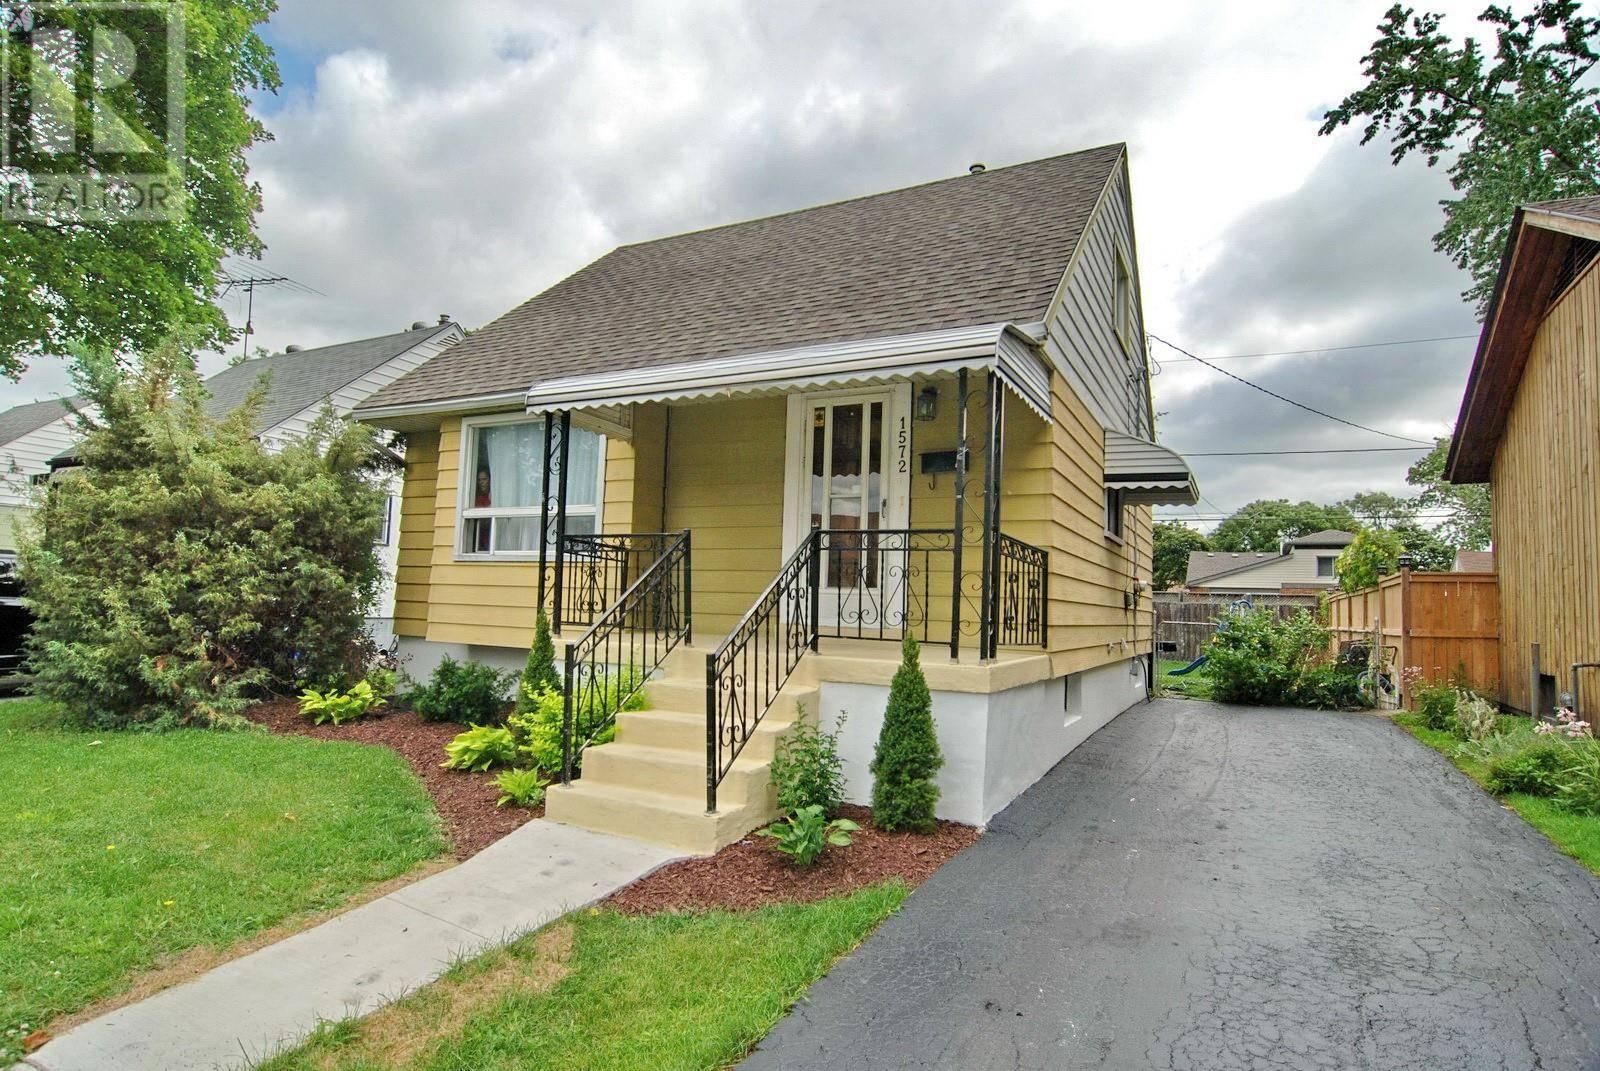 House for sale at 1572 Labadie  Windsor Ontario - MLS: 19023708